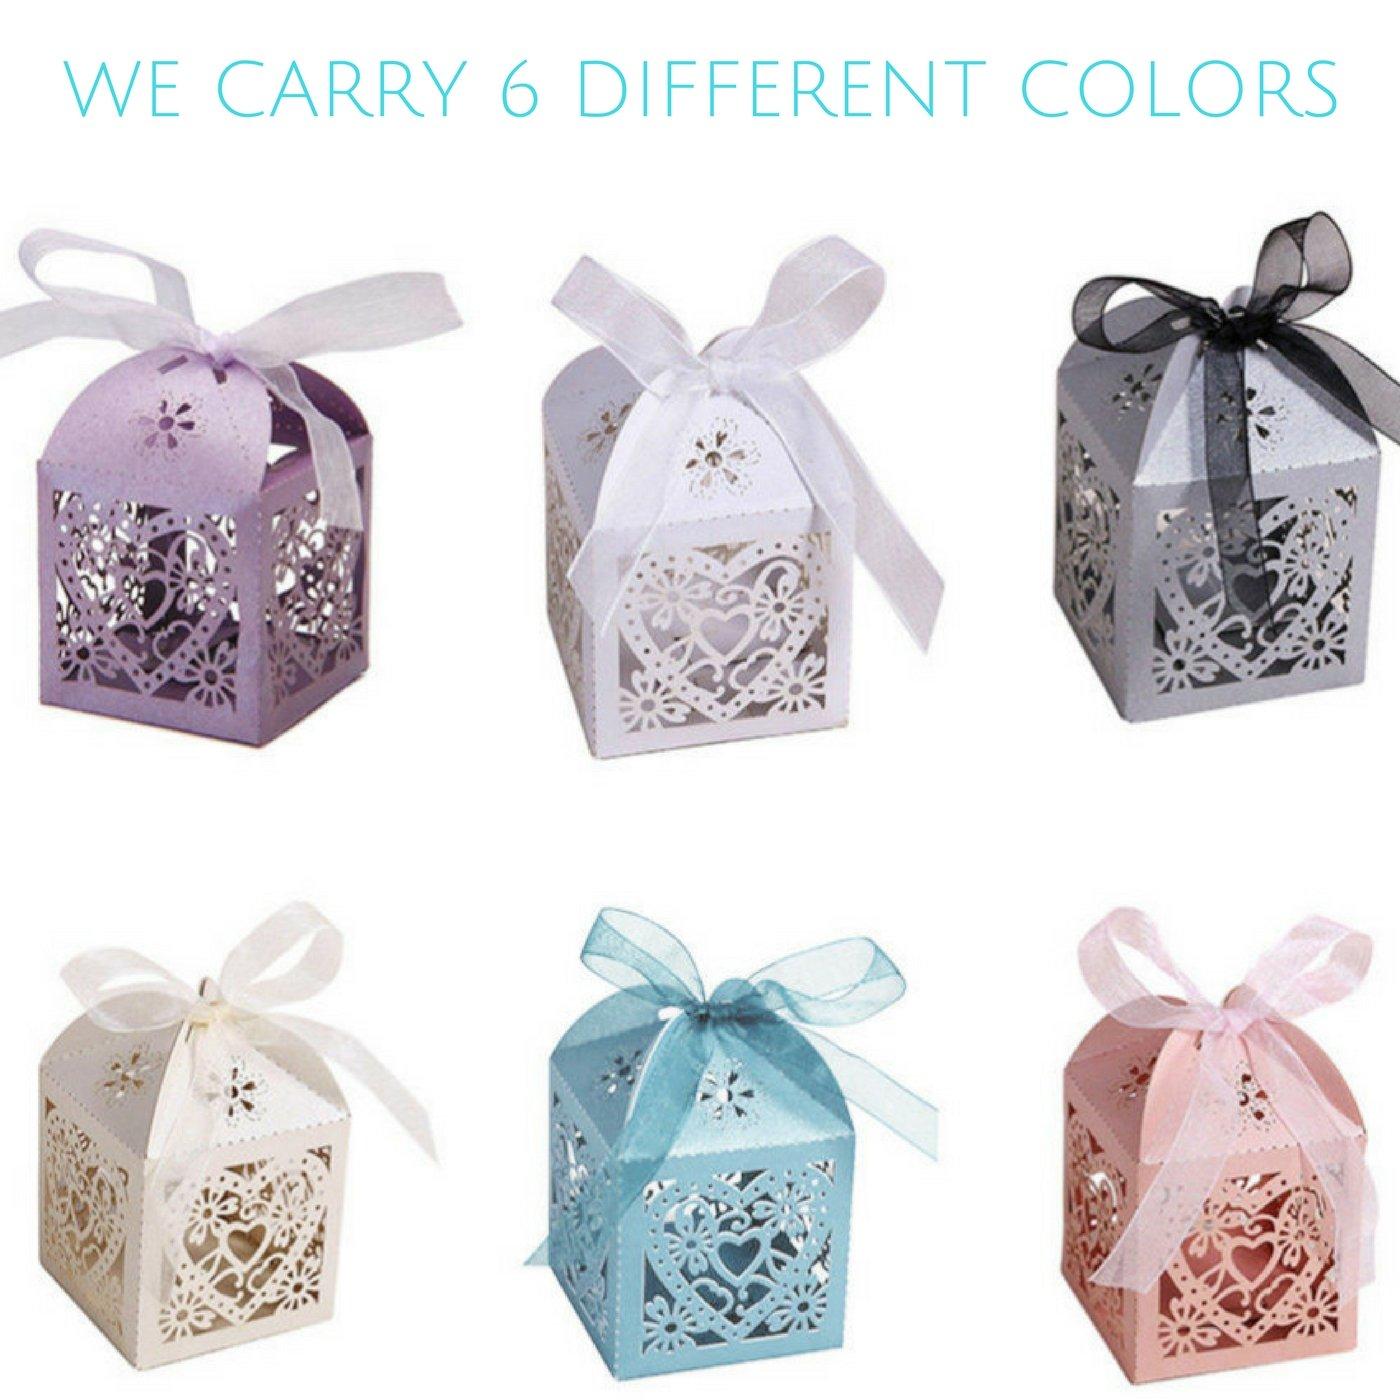 Amazon.com: Modelo Decor Boxes For Party Candy - Wedding Favor ...